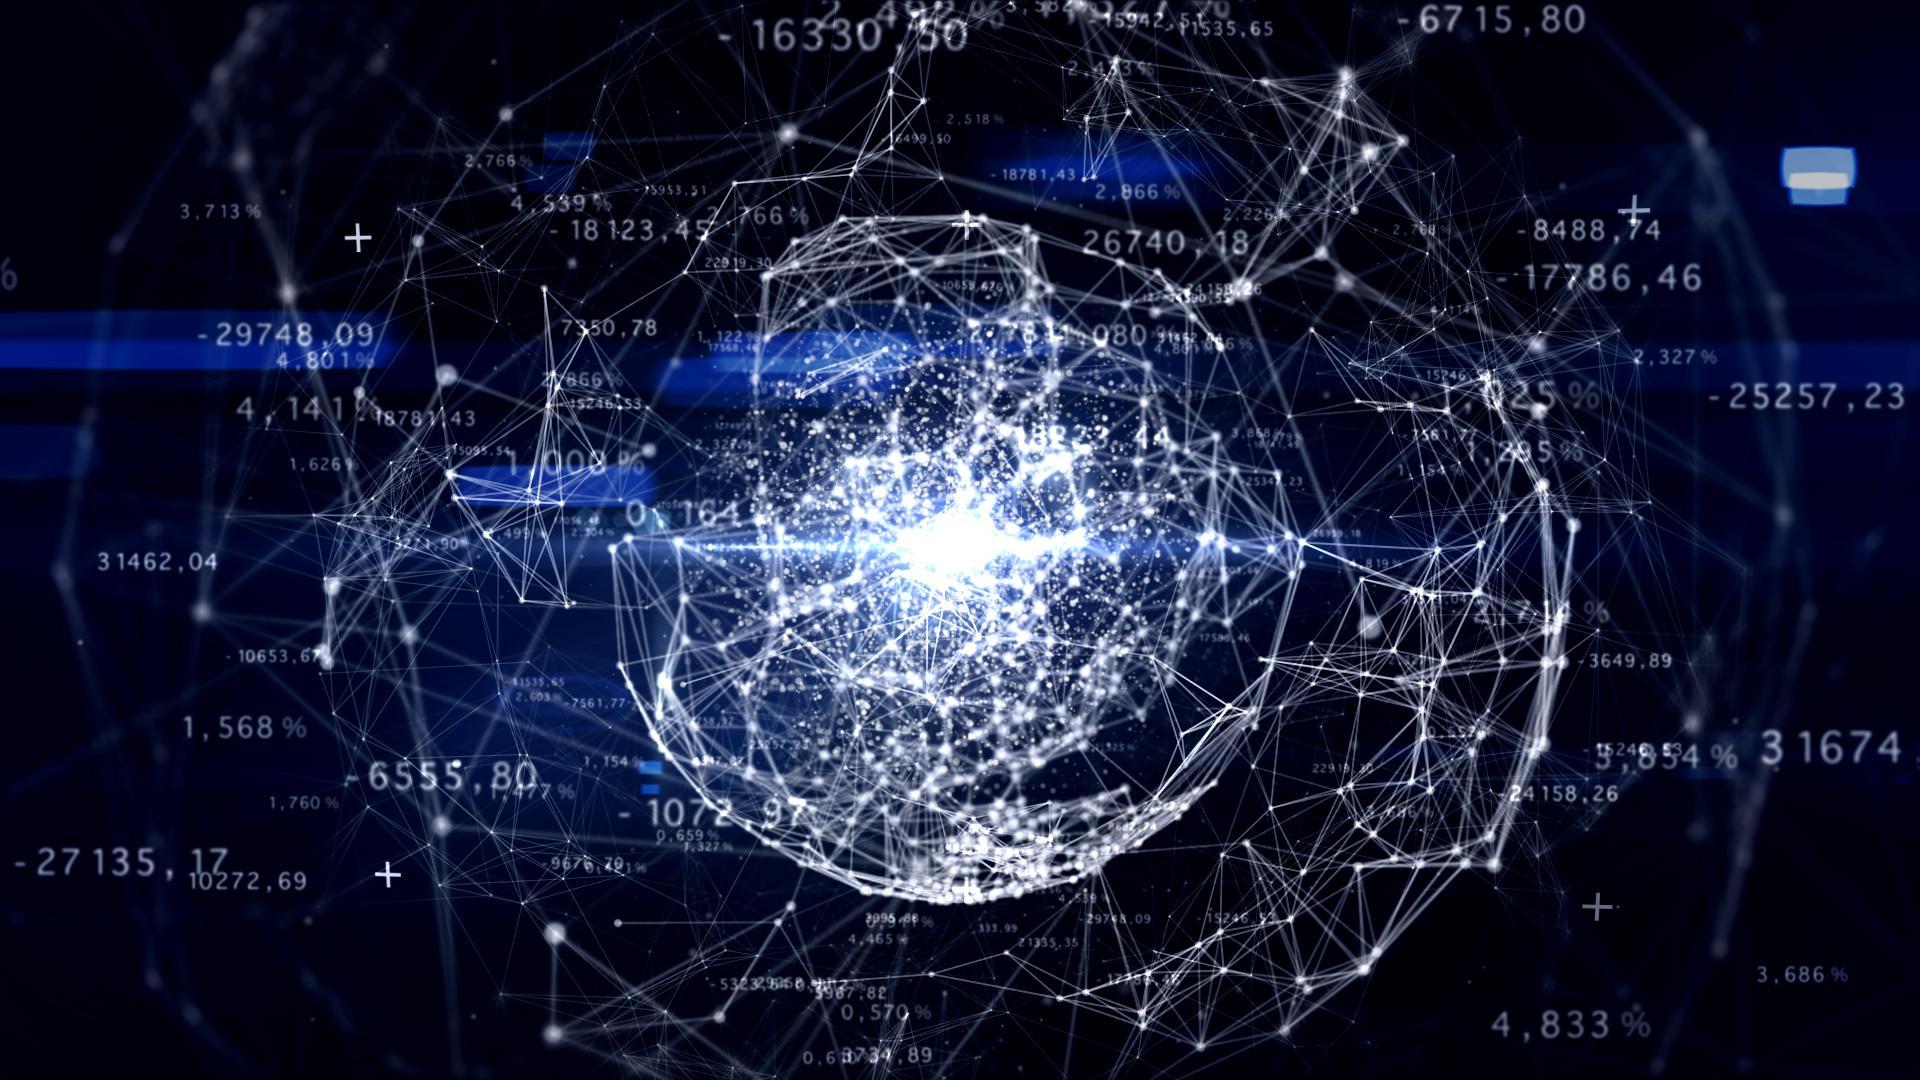 internet of things - Tlc. 50 miliardi apparati connessi entro 2020. Urge 5G. Per arrivarci progressivamente parte 5G NR, mentre Governo prepara asta 700 MHz